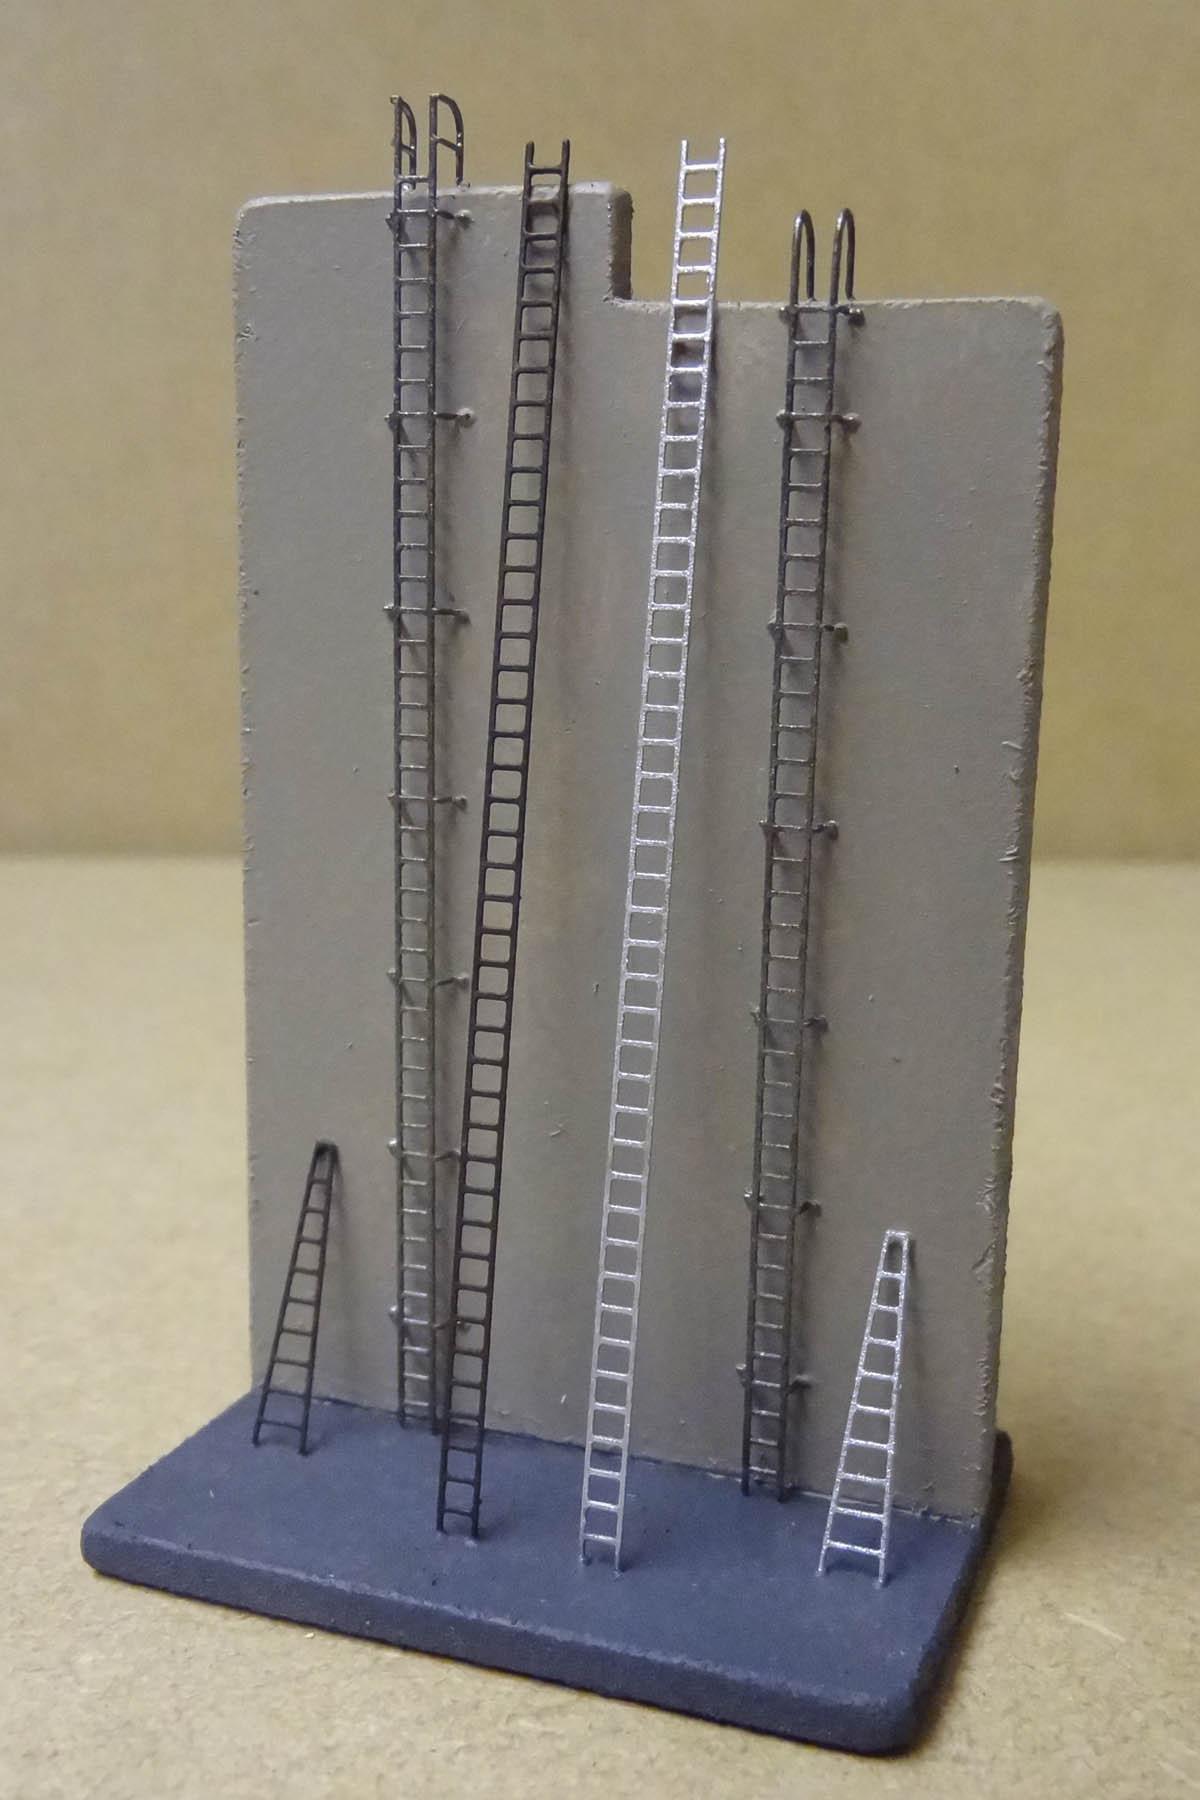 N24_ladders3